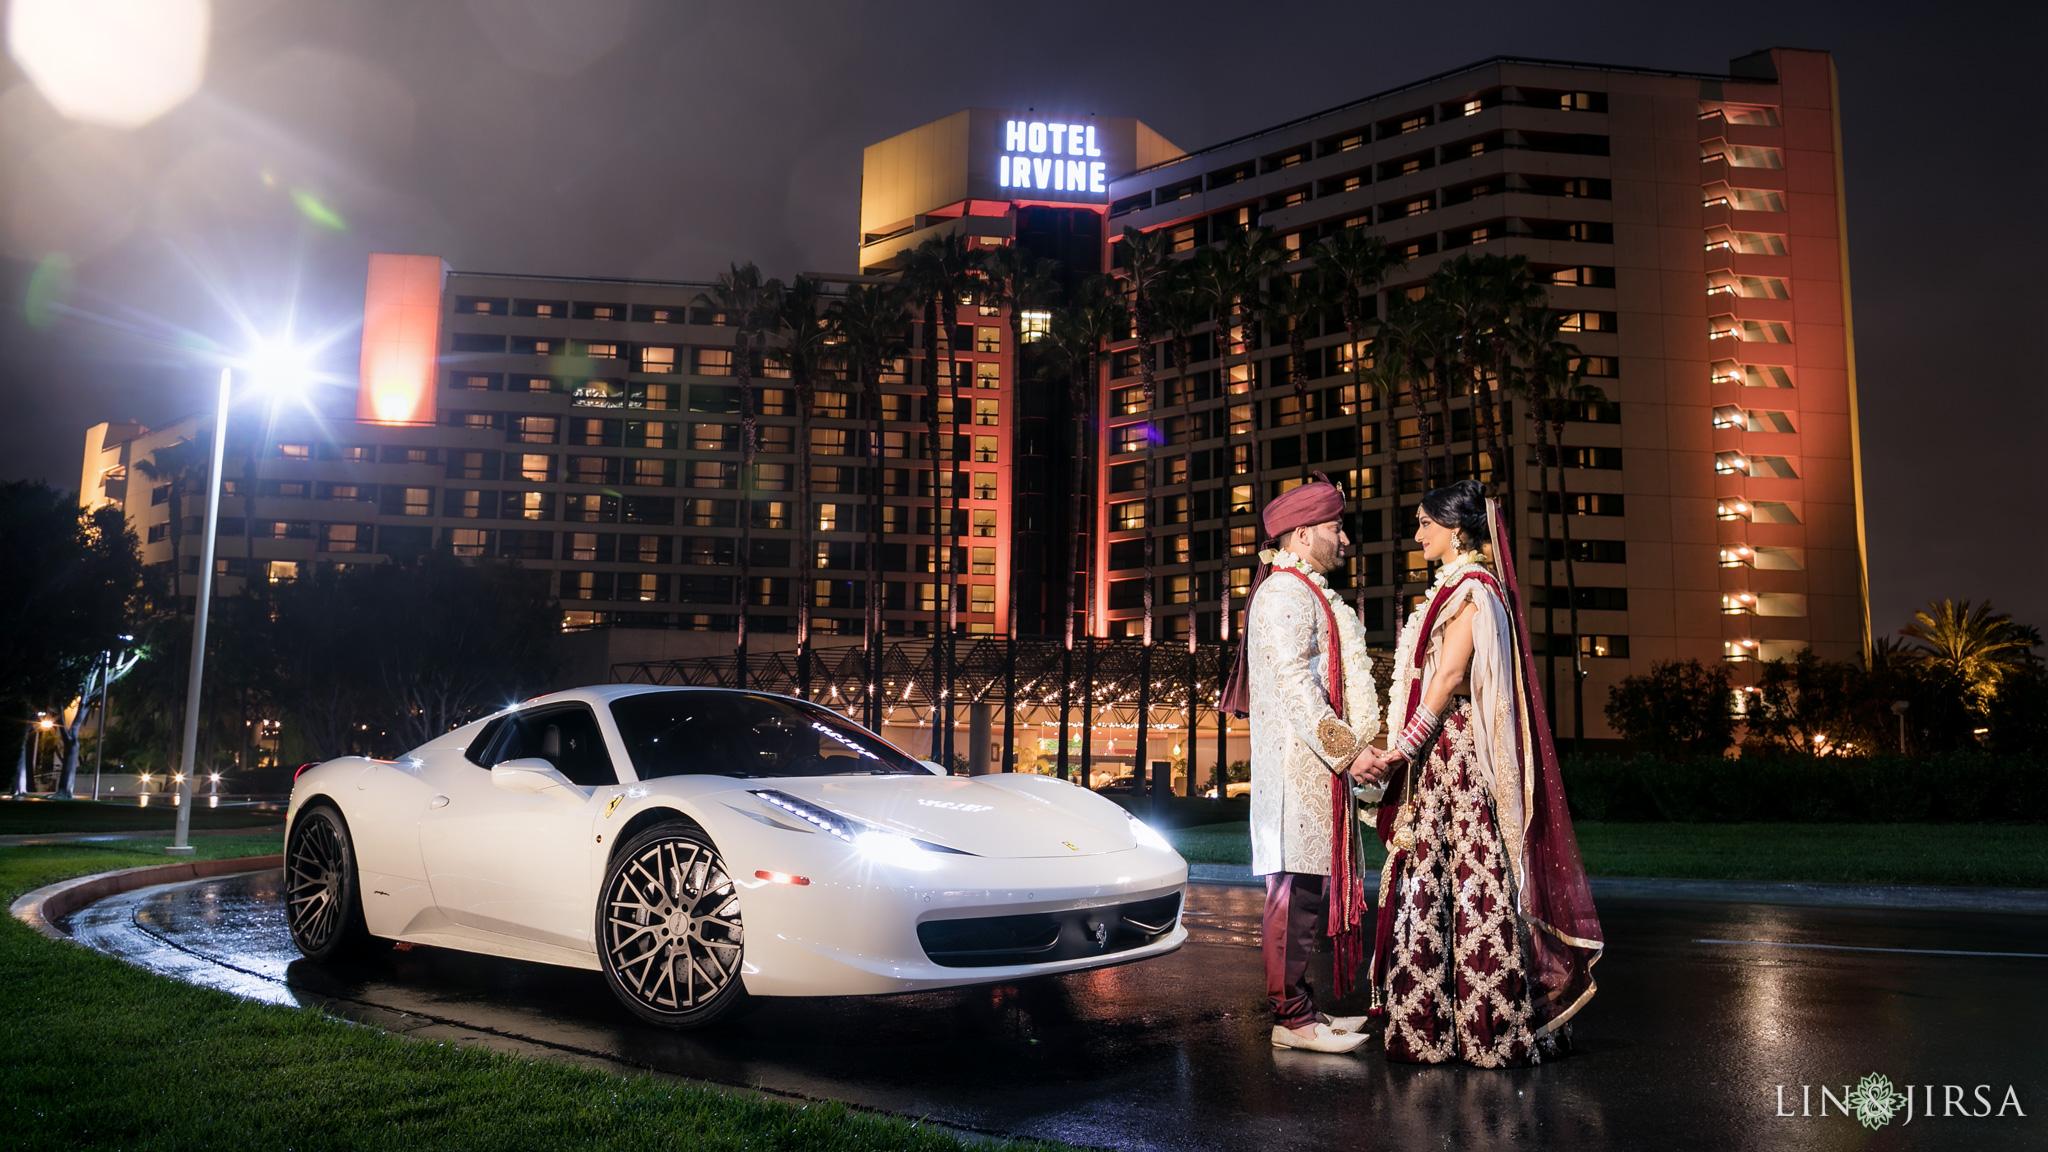 33-hotel-irvine-indian-wedding-photography